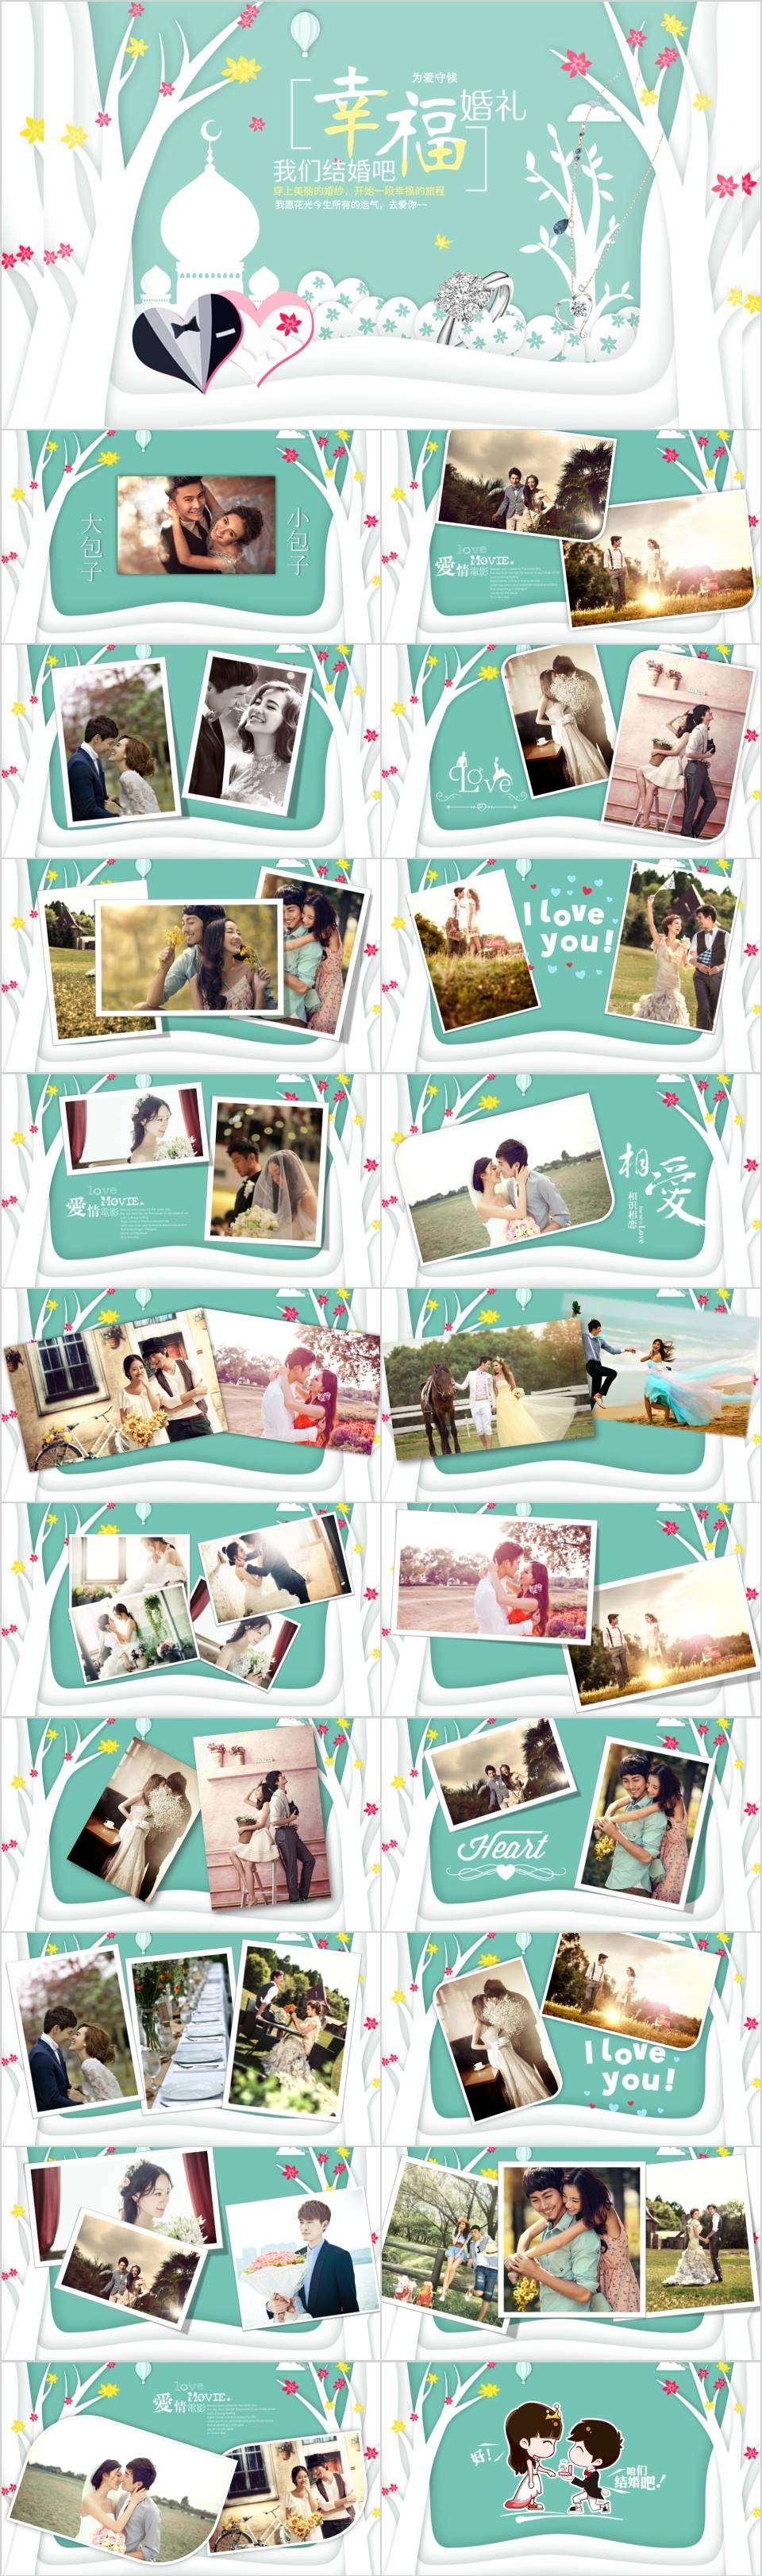 幸福婚禮我們結婚吧婚禮快閃PPT模板-PPT模板-圖創網